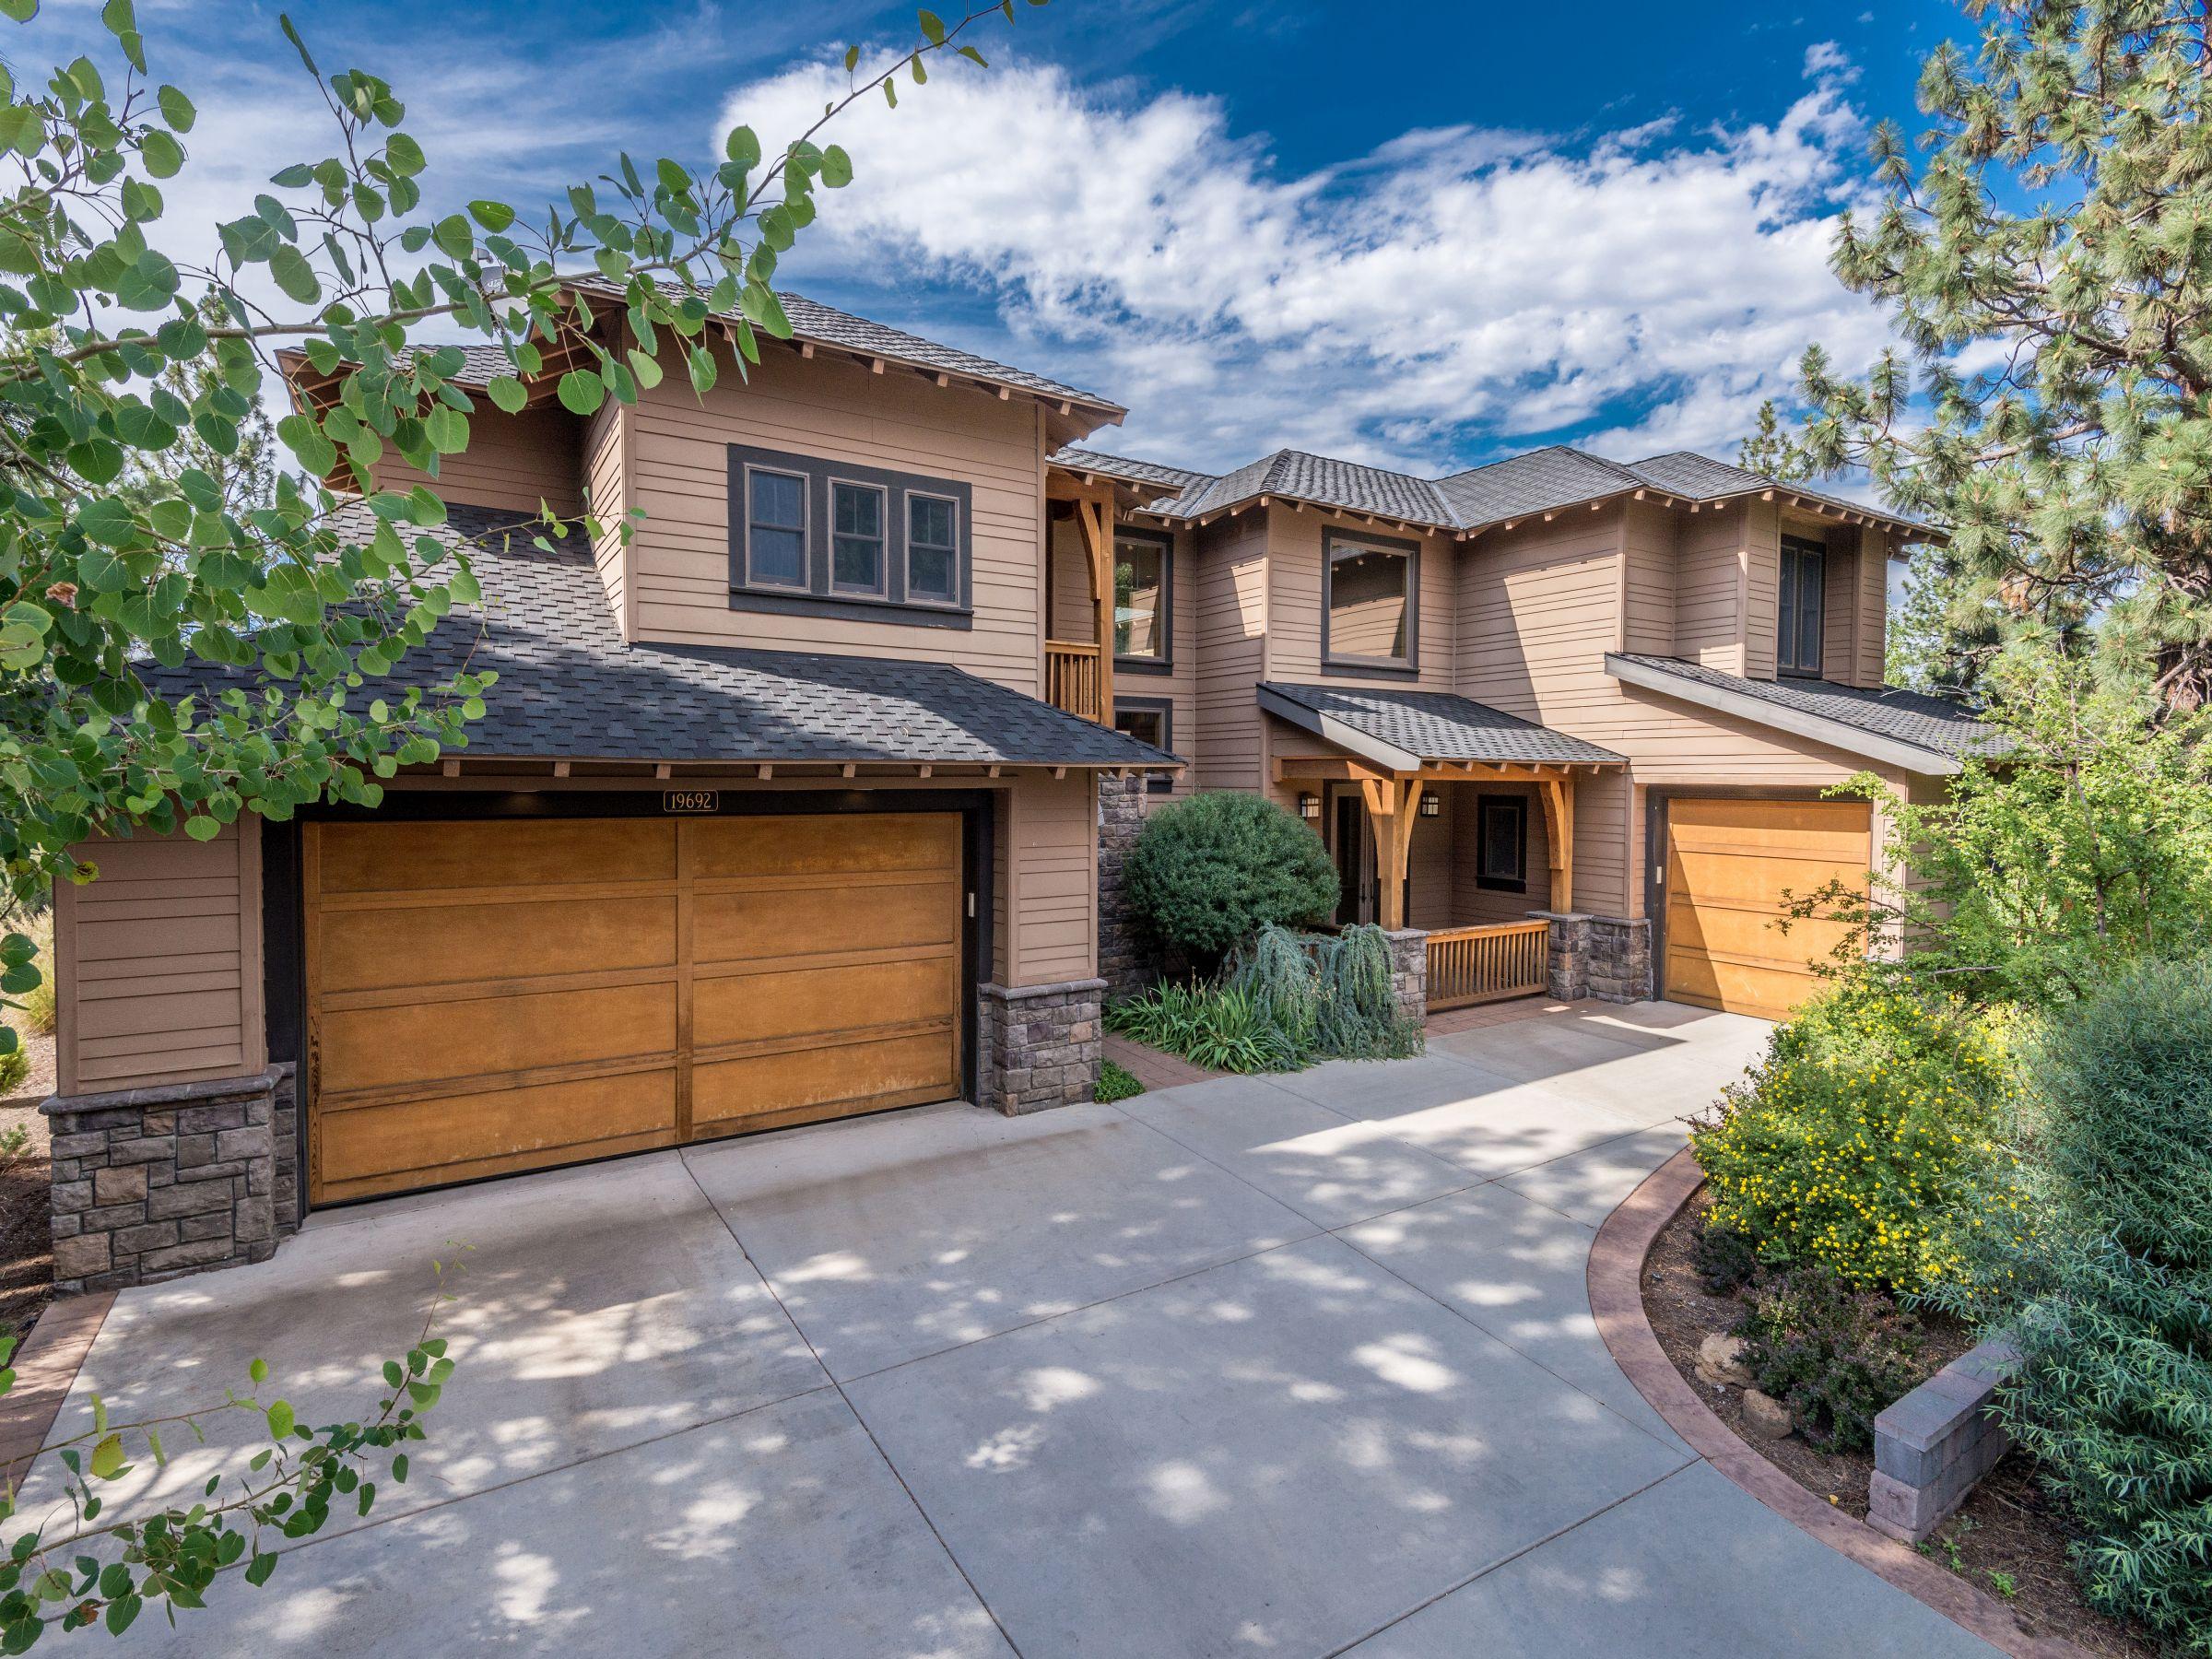 Tek Ailelik Ev için Satış at River Canyon Estates 19692 Hollygrape St Bend, Oregon 97702 Amerika Birleşik Devletleri